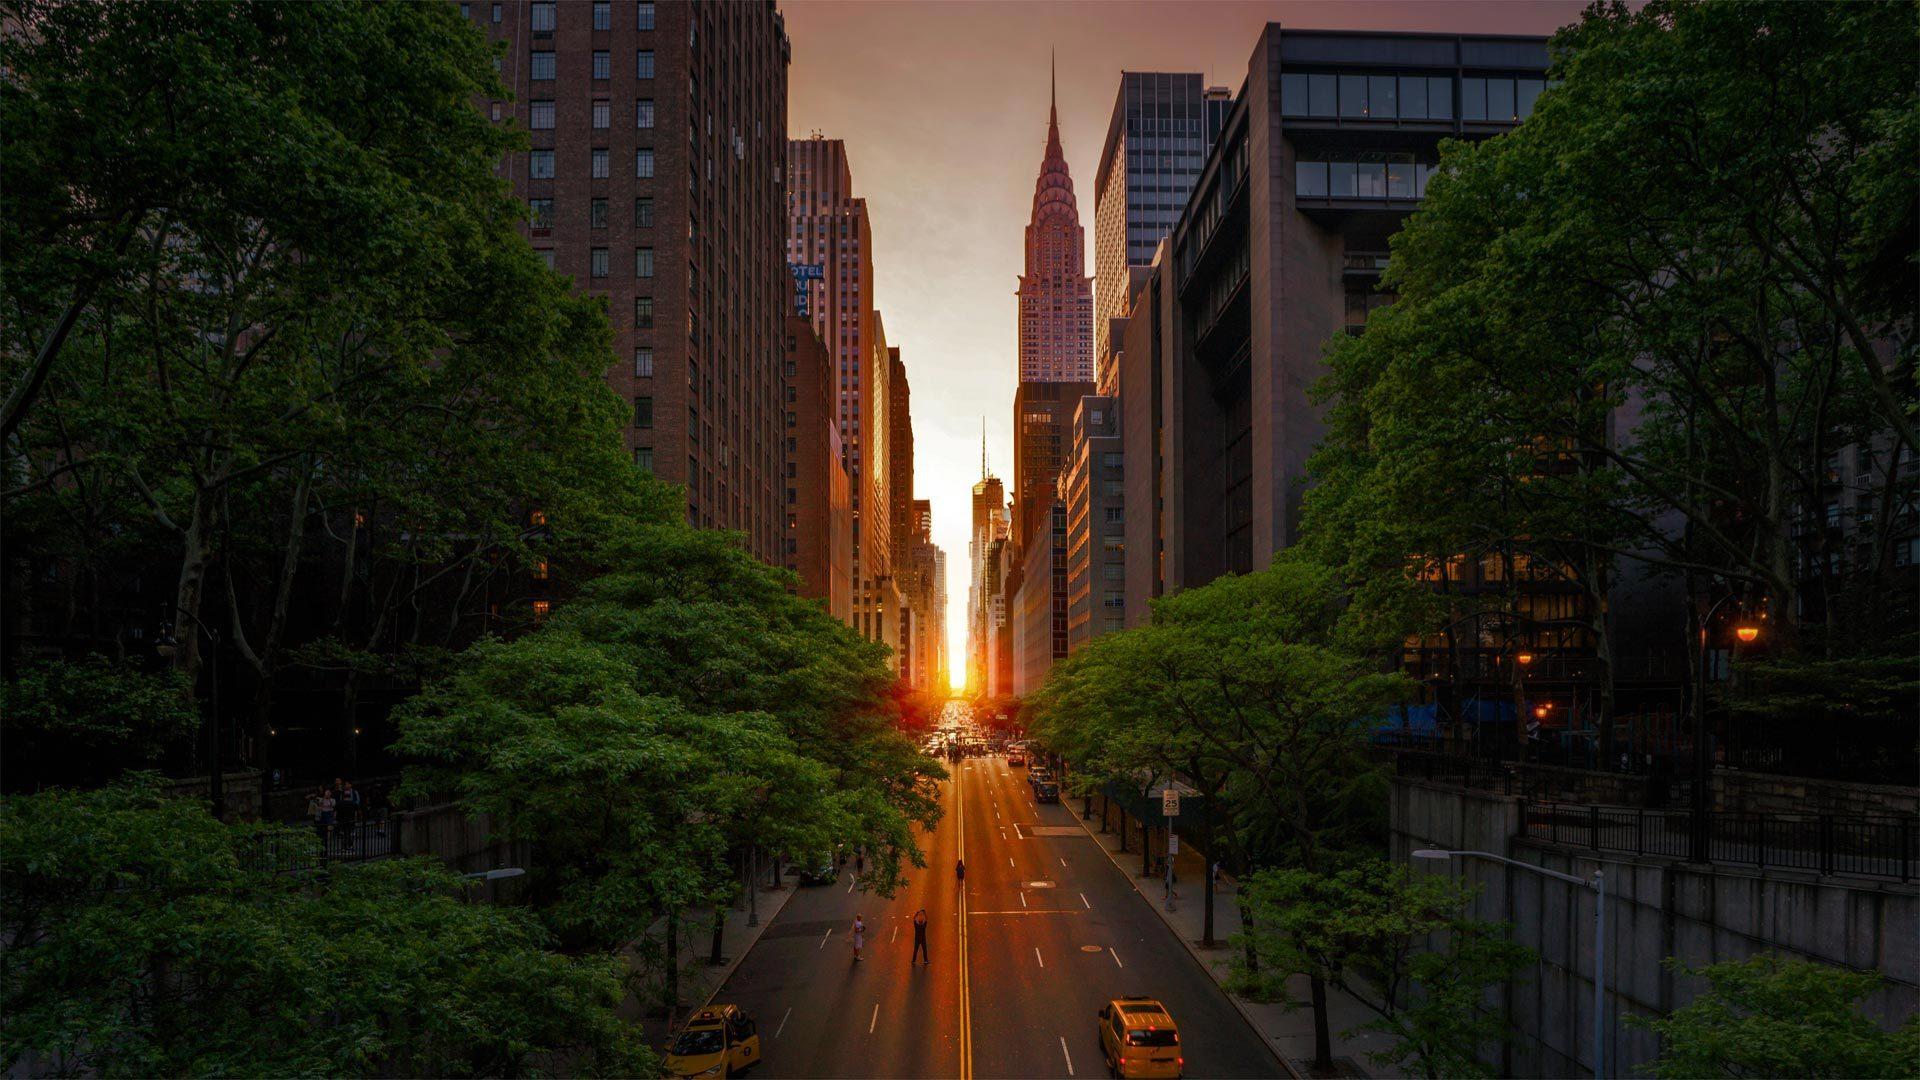 2018年曼哈顿悬日期间的克莱斯勒大厦与42号街